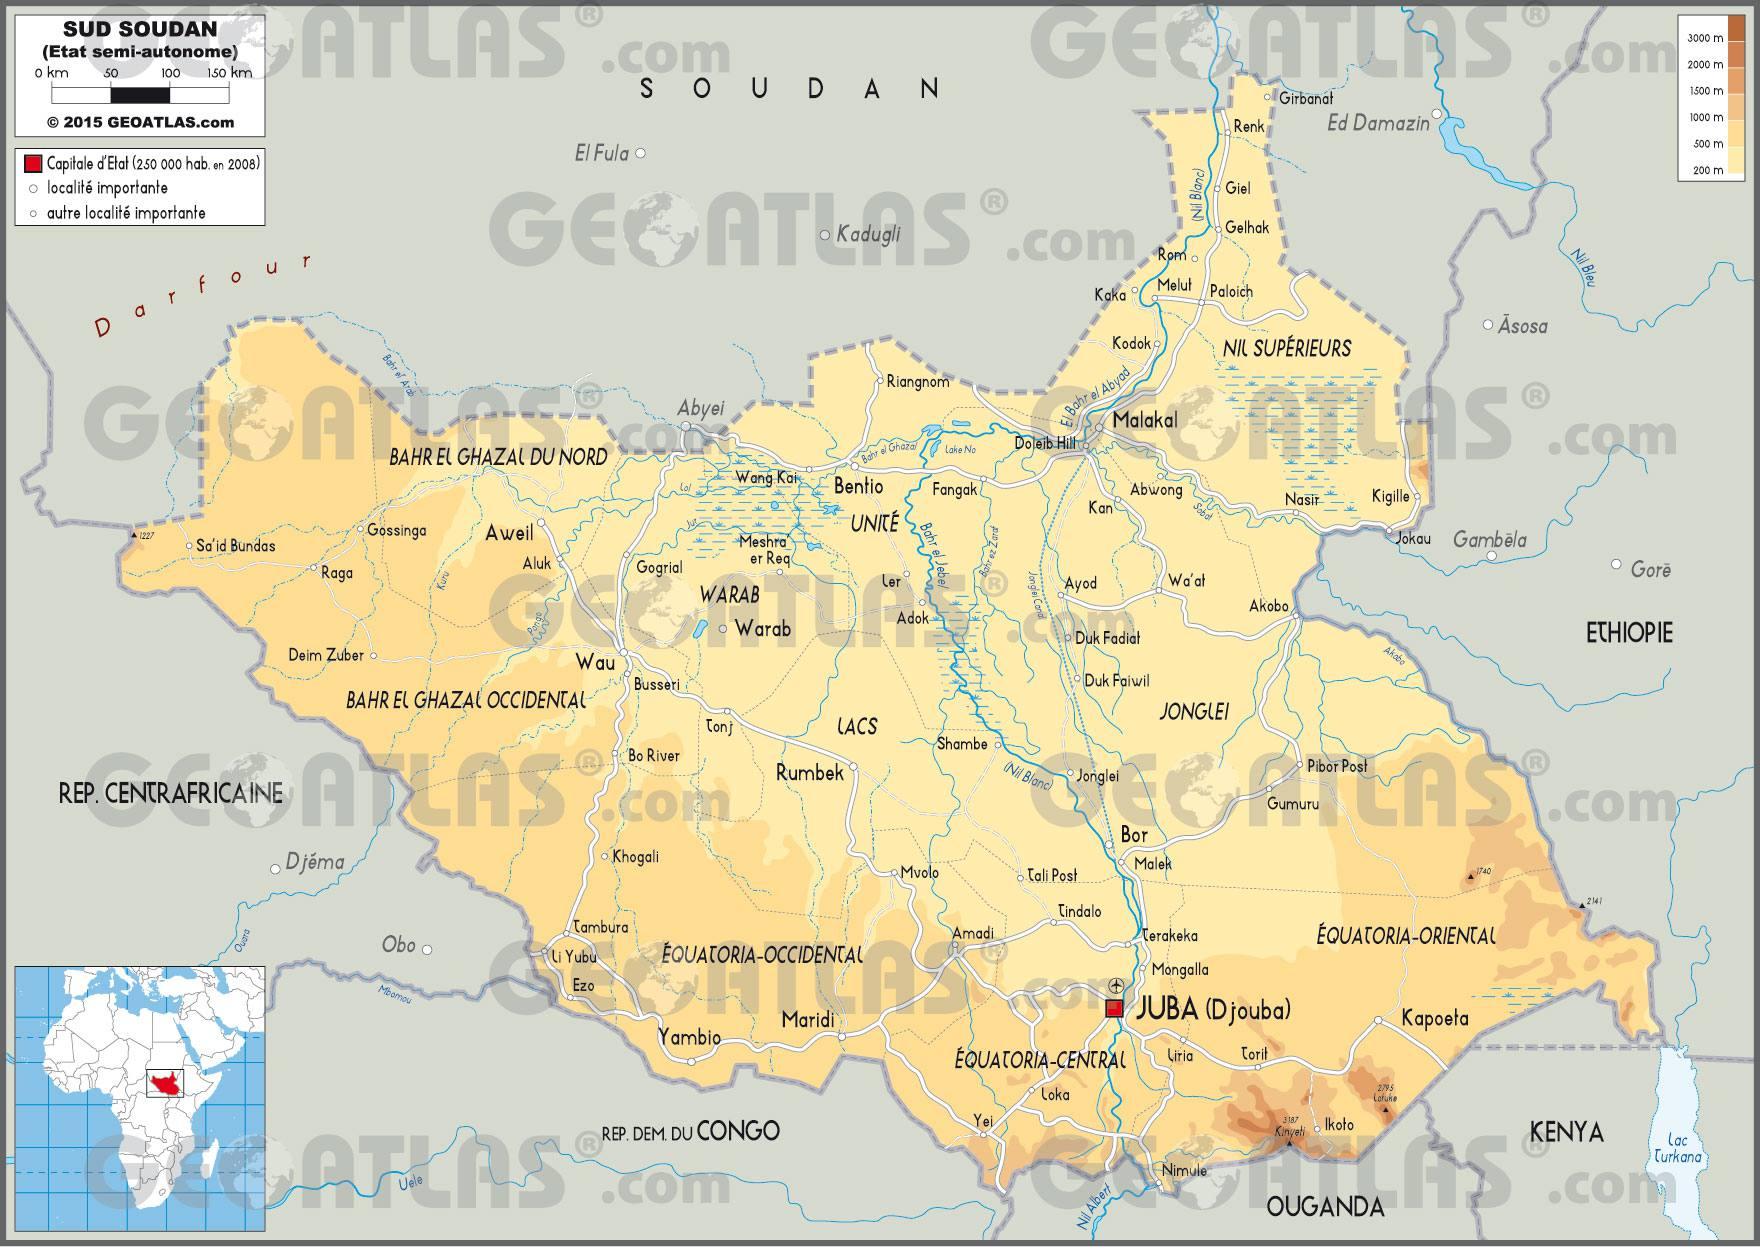 Carte Afrique Avec Soudan Du Sud.Carte Du Soudan Du Sud Plusieurs Cartes Du Pays En Afrique